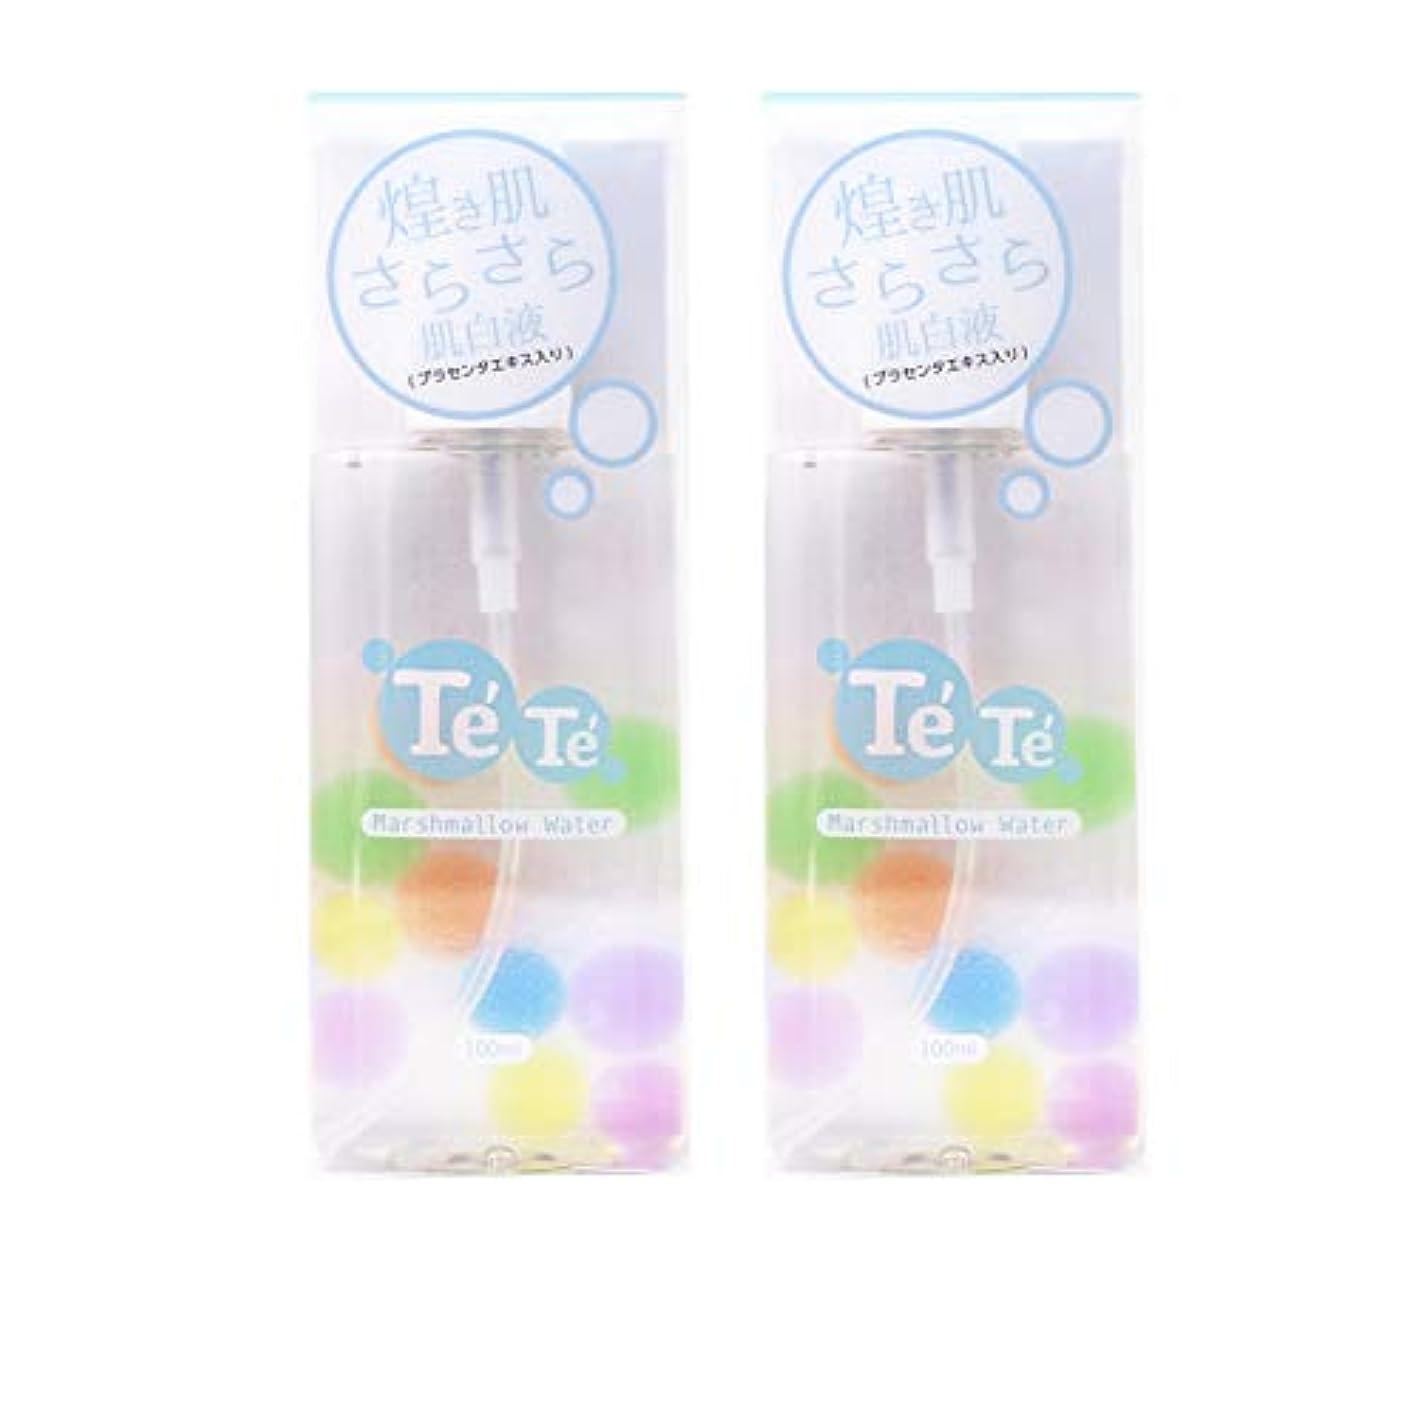 純粋に預言者盆TeTe(テテ)さらさら肌白液「2本セット」「特許申請中」